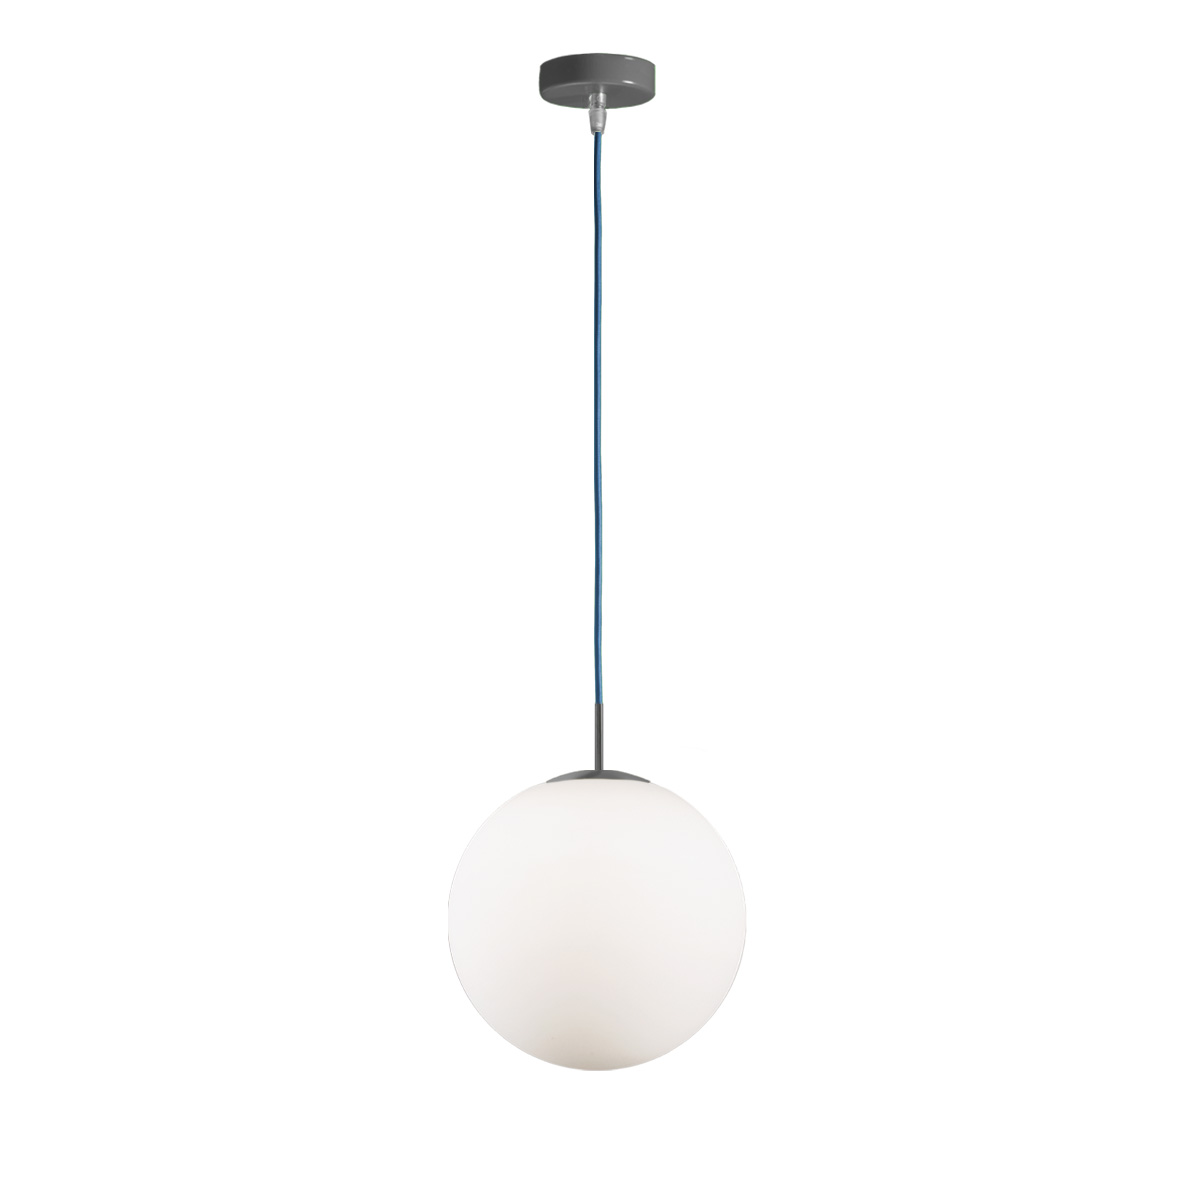 Μοντέρνο φωτιστικό μπάλα ΜΠΑΛΕΣ modern sphere pendant lighting